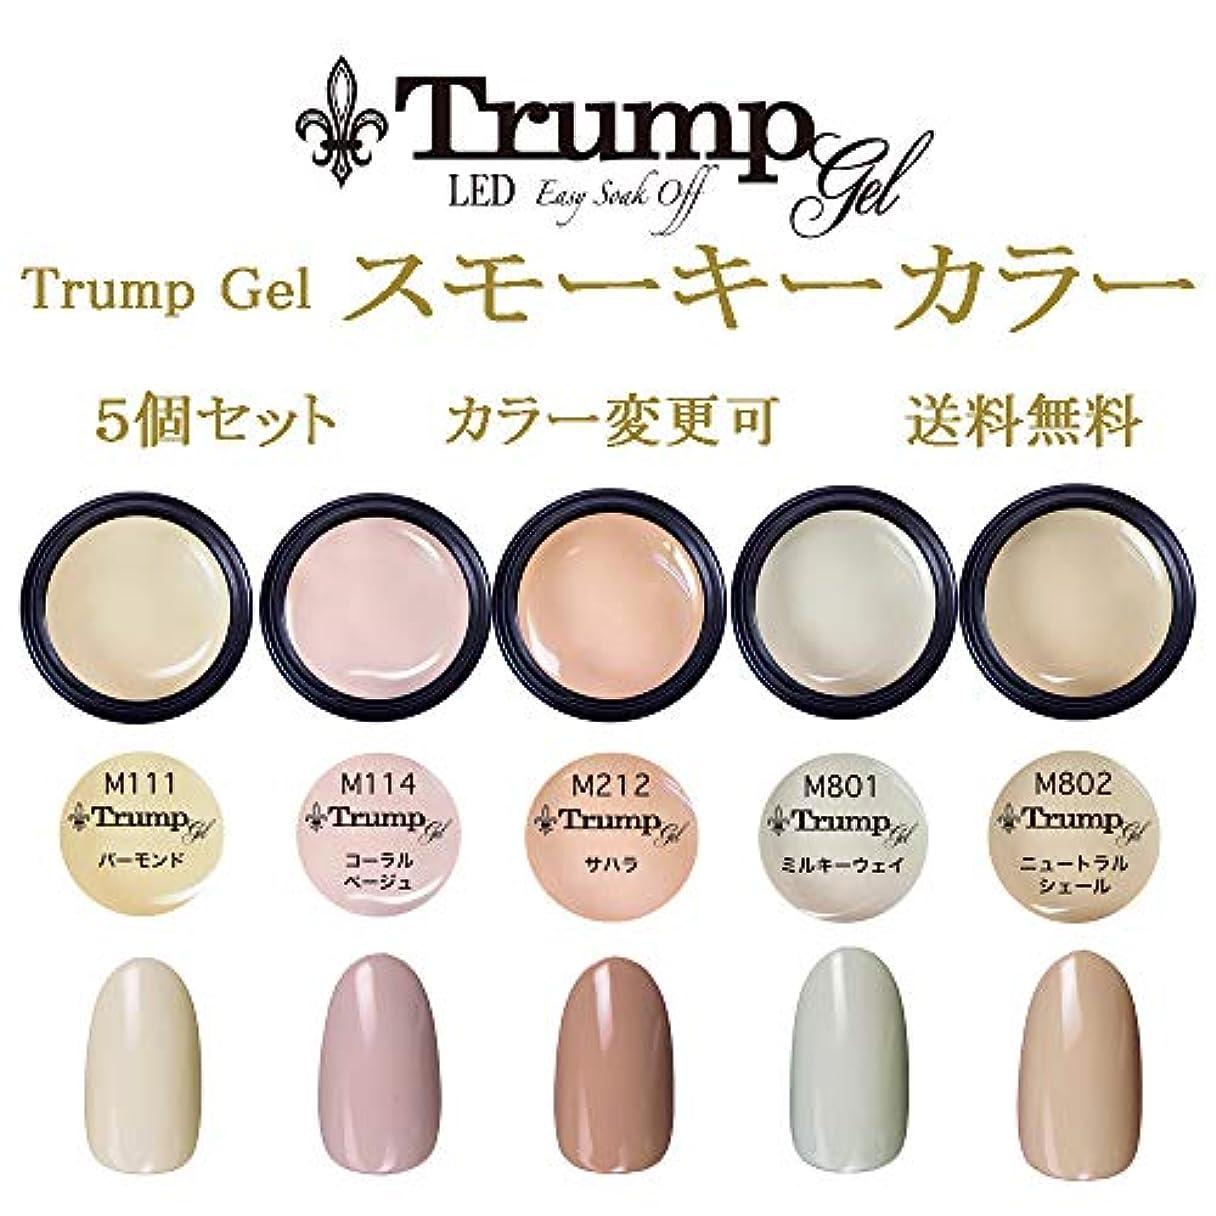 ぼろスマートキリスト日本製 Trump gel トランプジェル スモーキーカラー 選べる カラージェル 5個セット スモーク ベージュ グレー ブラウン ピンク